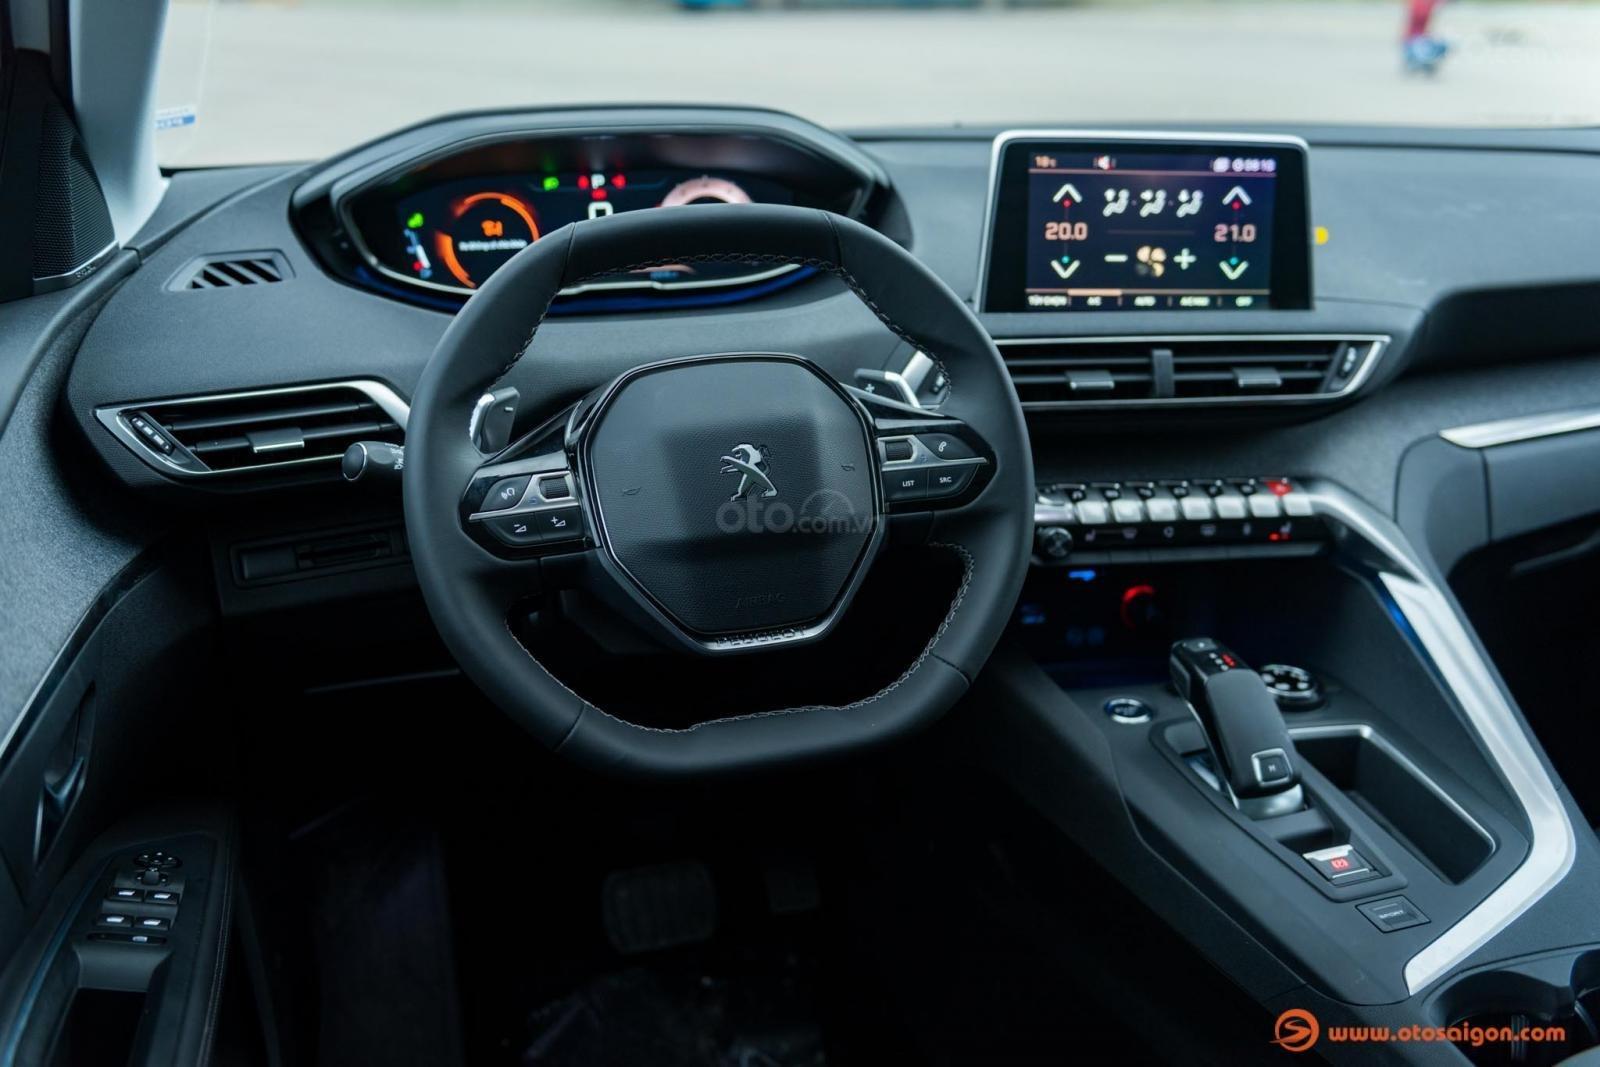 Bán xe Peugeot 3008 năm sản xuất 2019 (2)